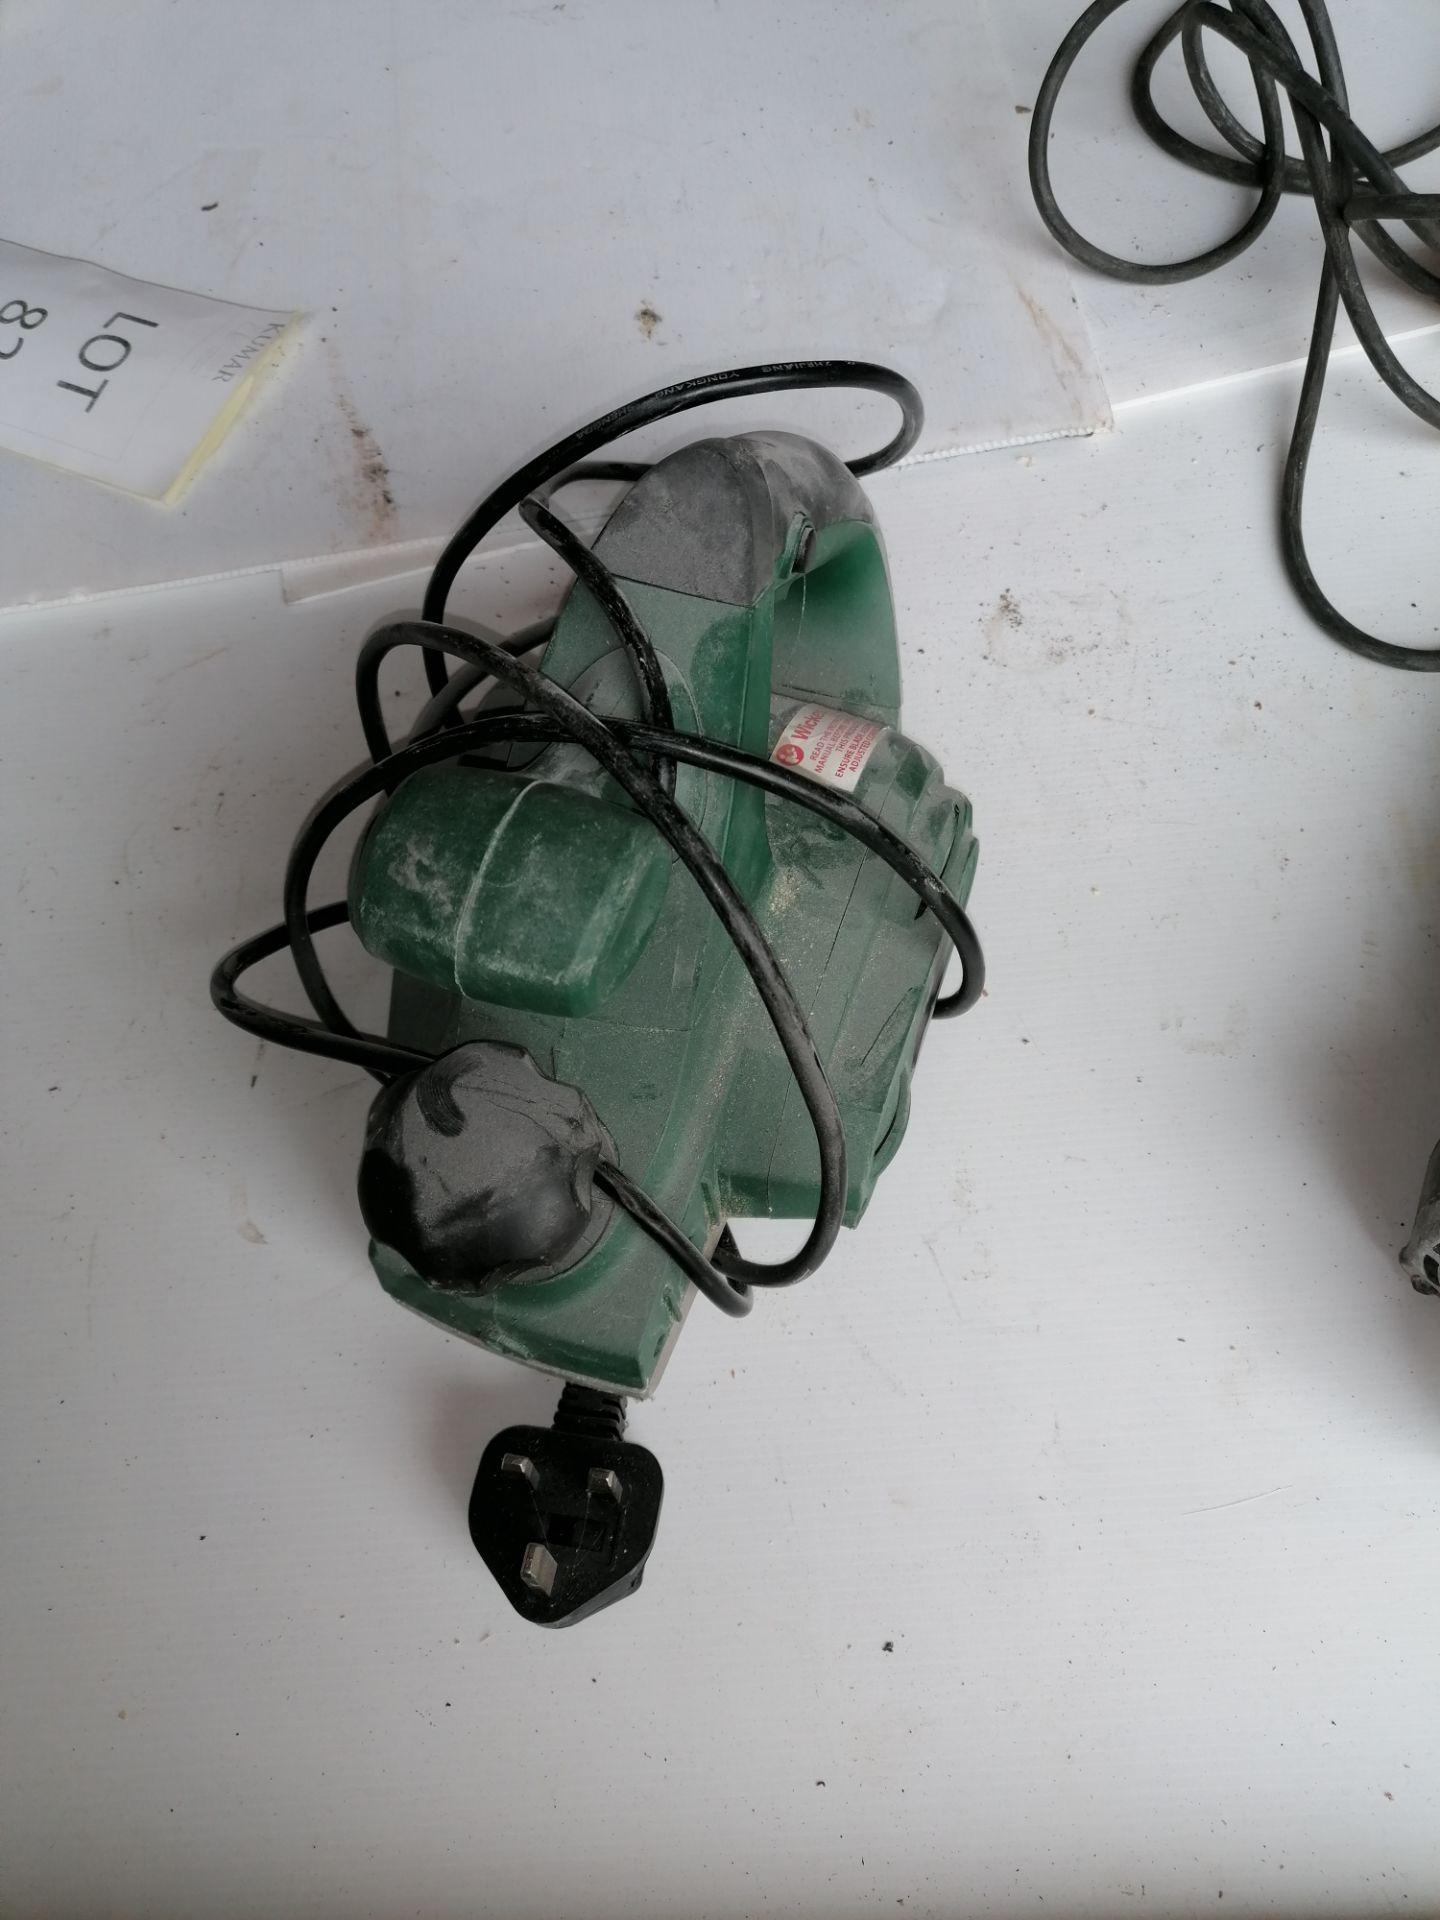 Hitachi Grinder 12SR3 Electric Grinder - Image 5 of 6